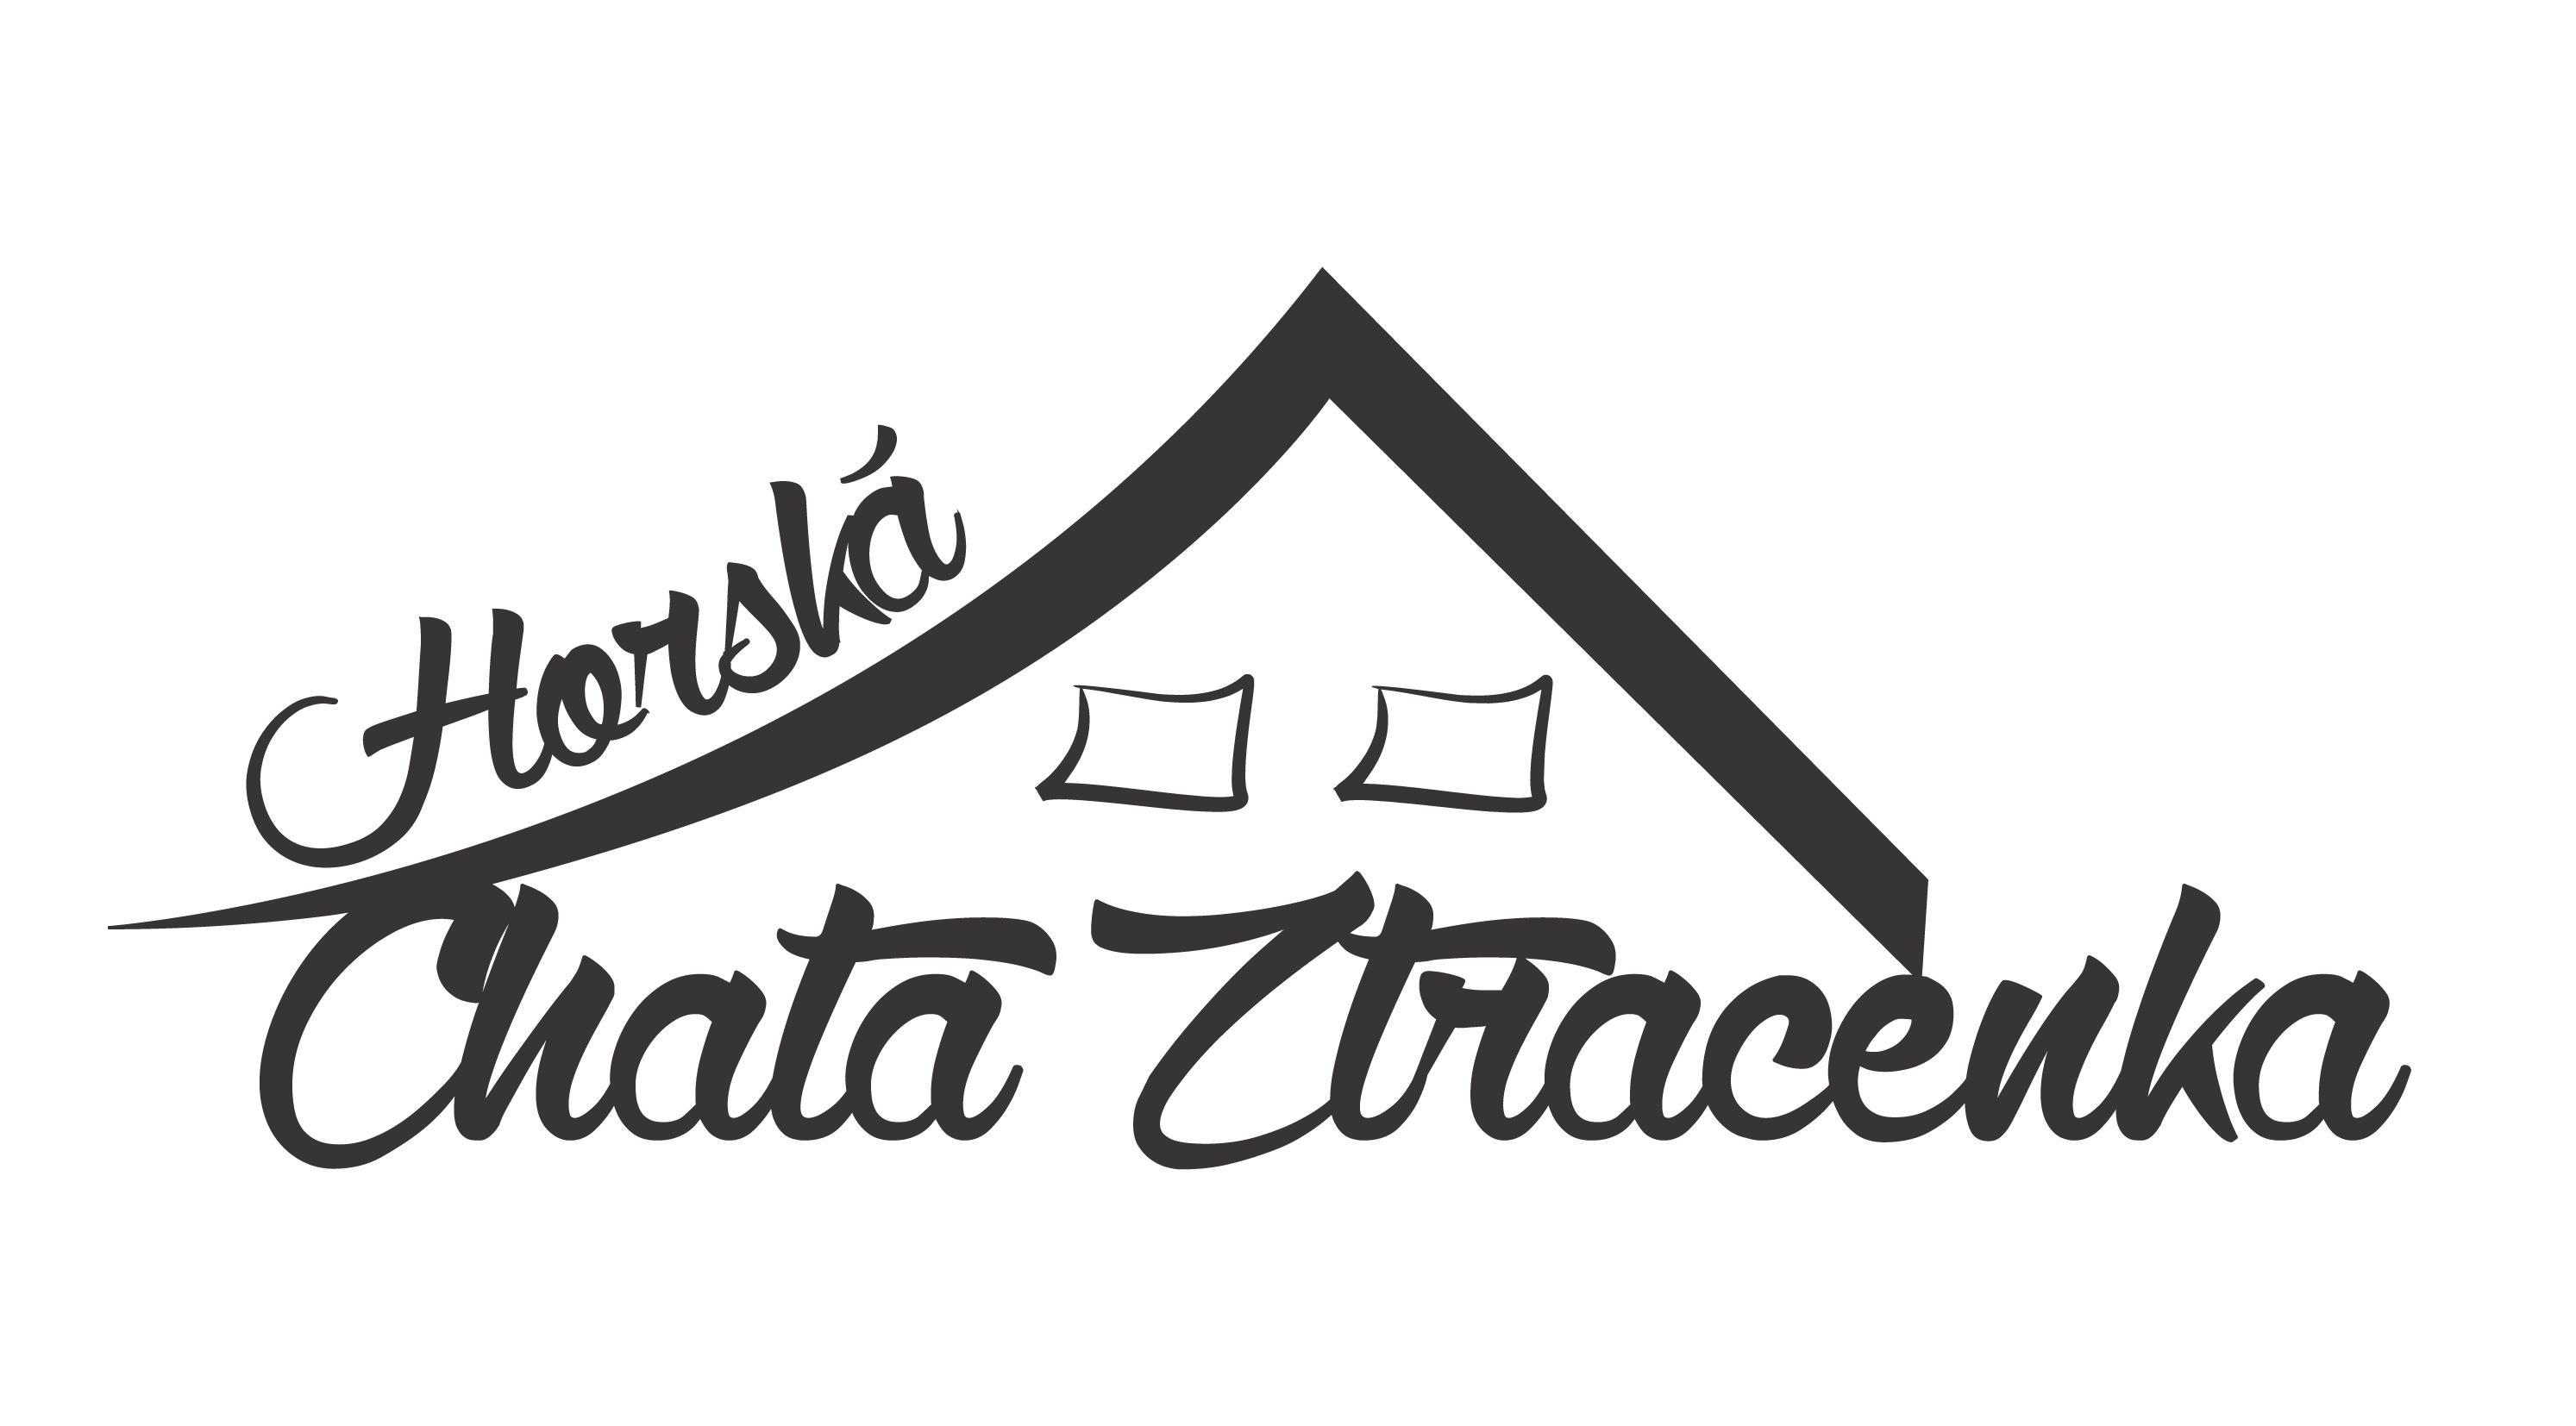 Logo Horská chata Ztracenka